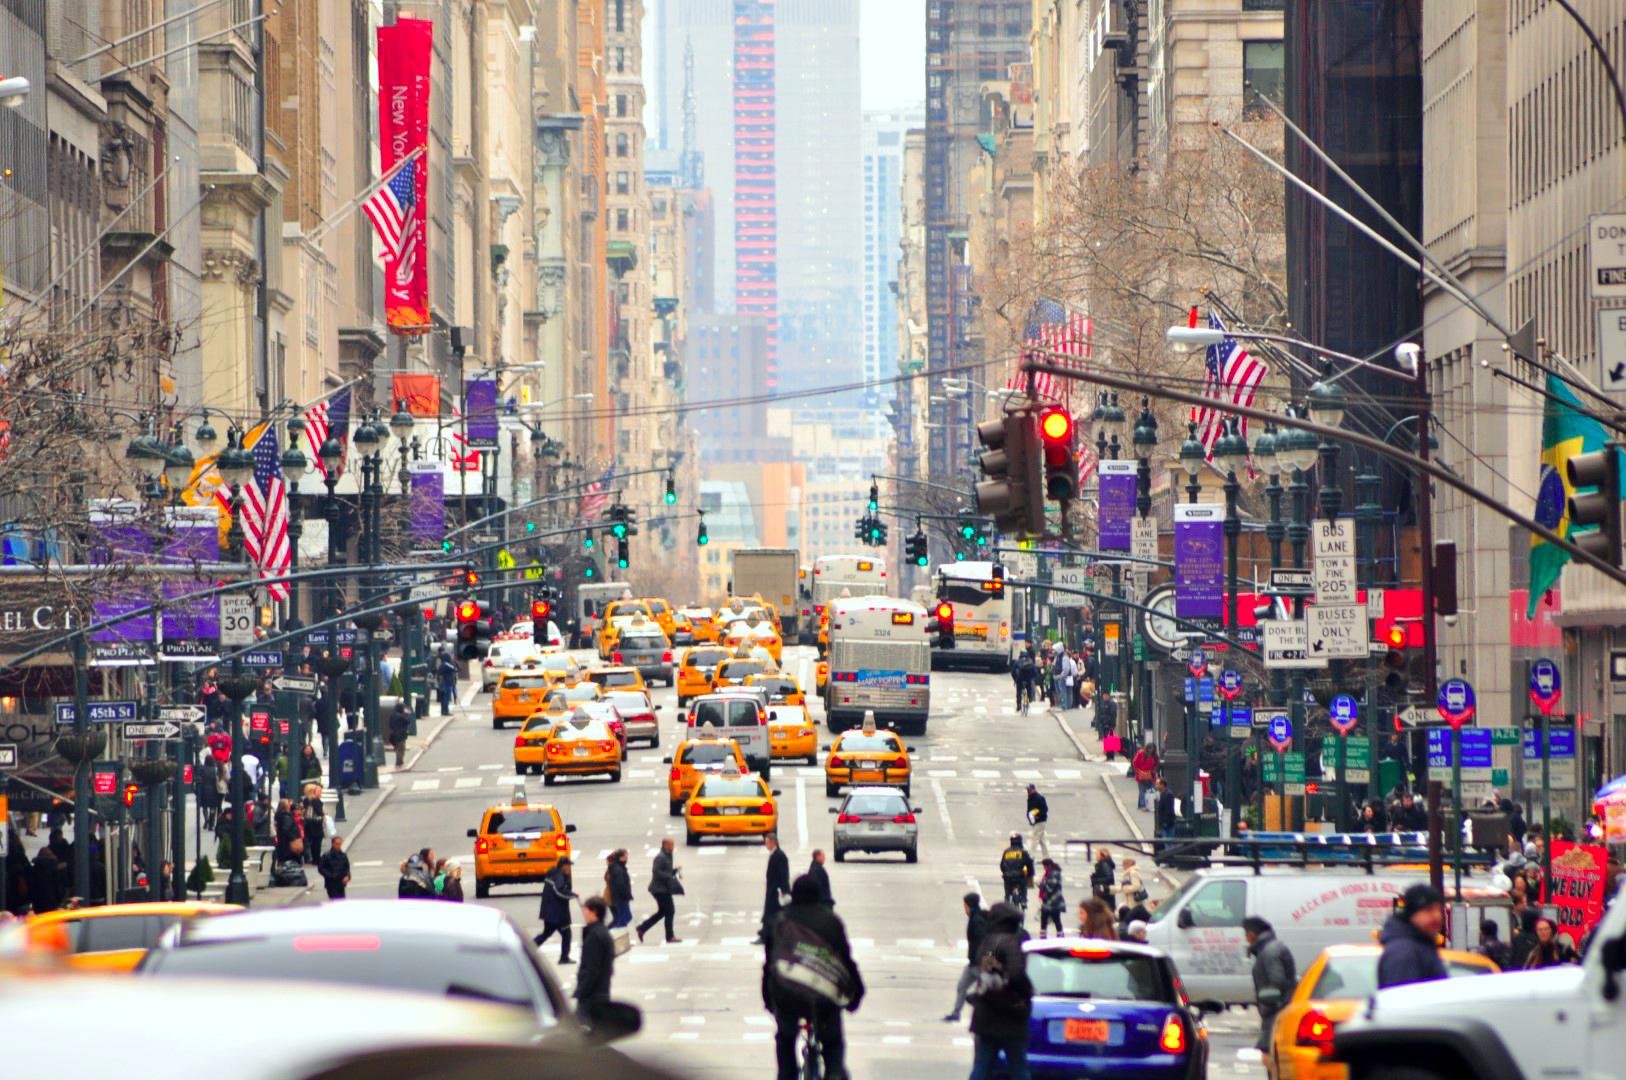 Qué hacer y ver en Nueva York qué hacer y ver en nueva york - 31142702465 d9126b2fef o - Qué hacer y ver en Nueva York